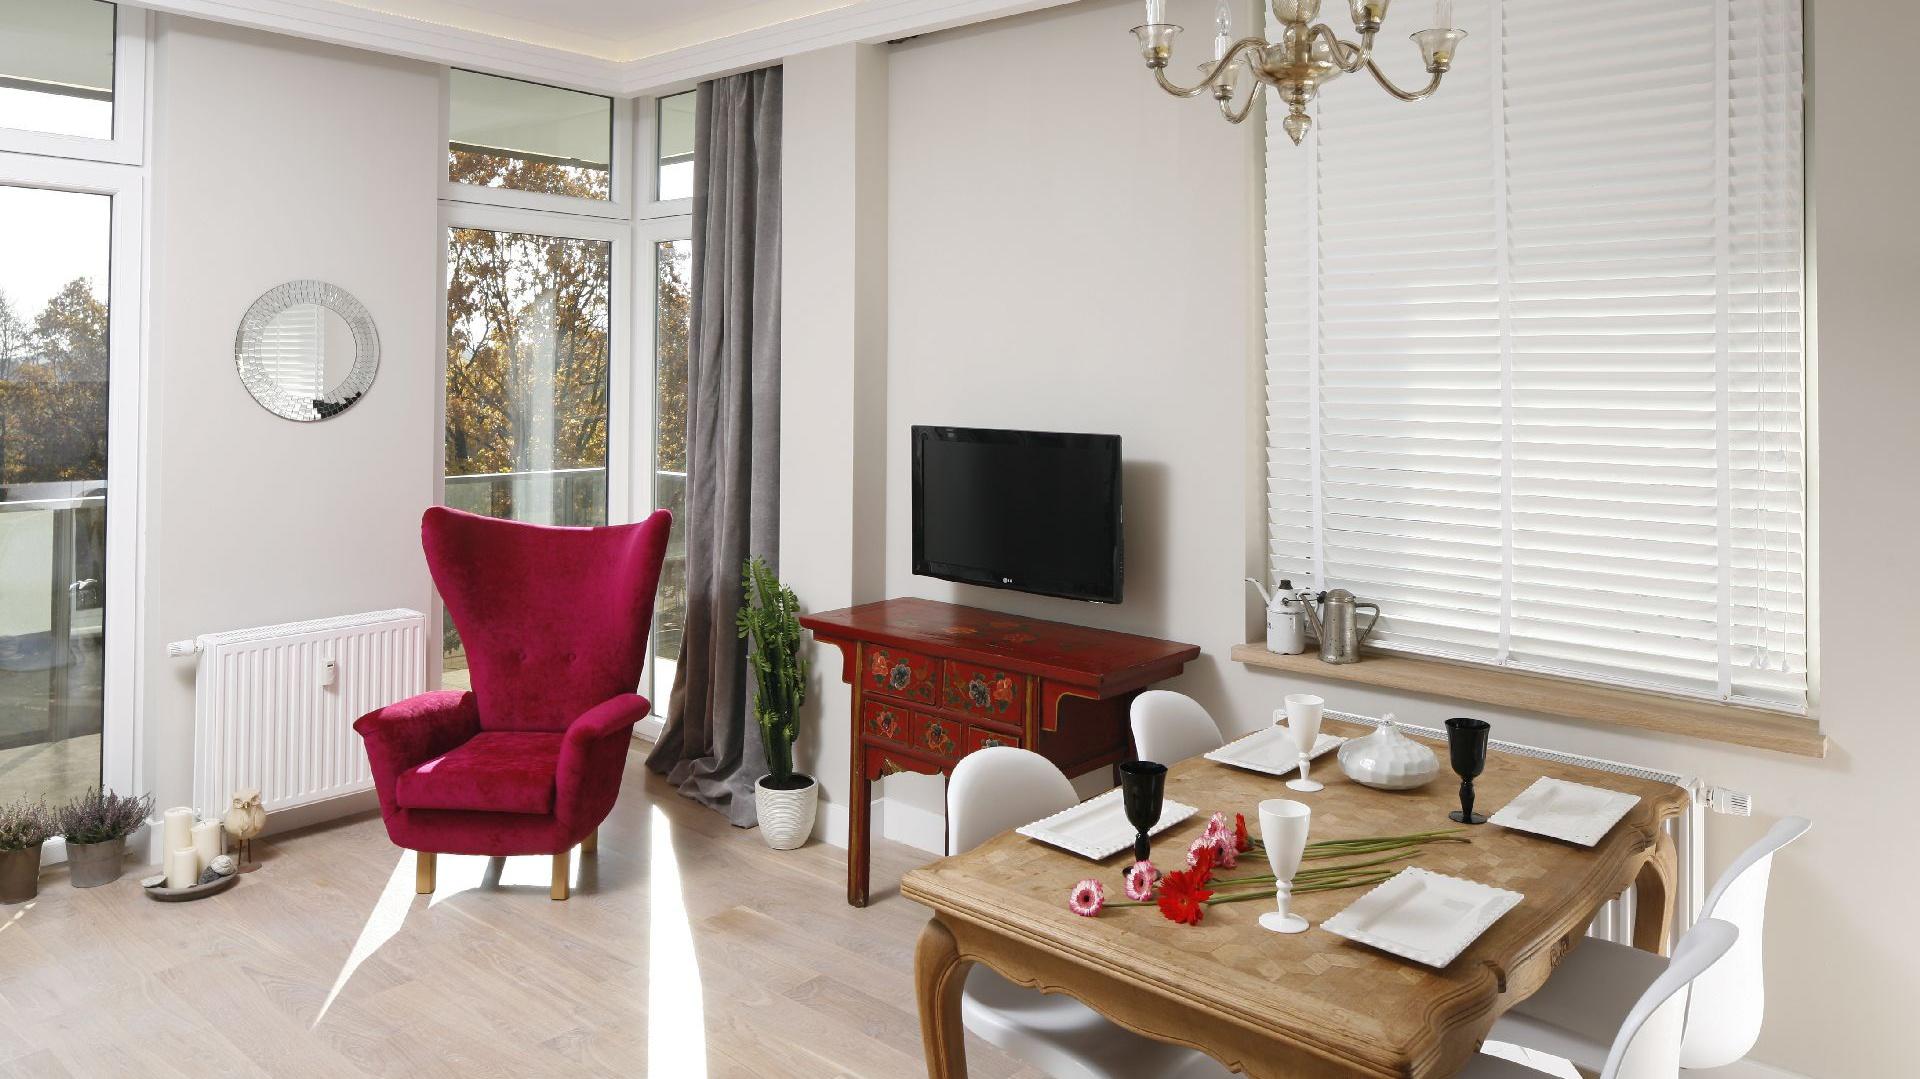 Podłoga z desek litego bielonego drewna  i biel ścian są delikatnym tłem, eksponującym sprzęty z charakterem.  Fot. Bartosz Jarosz.